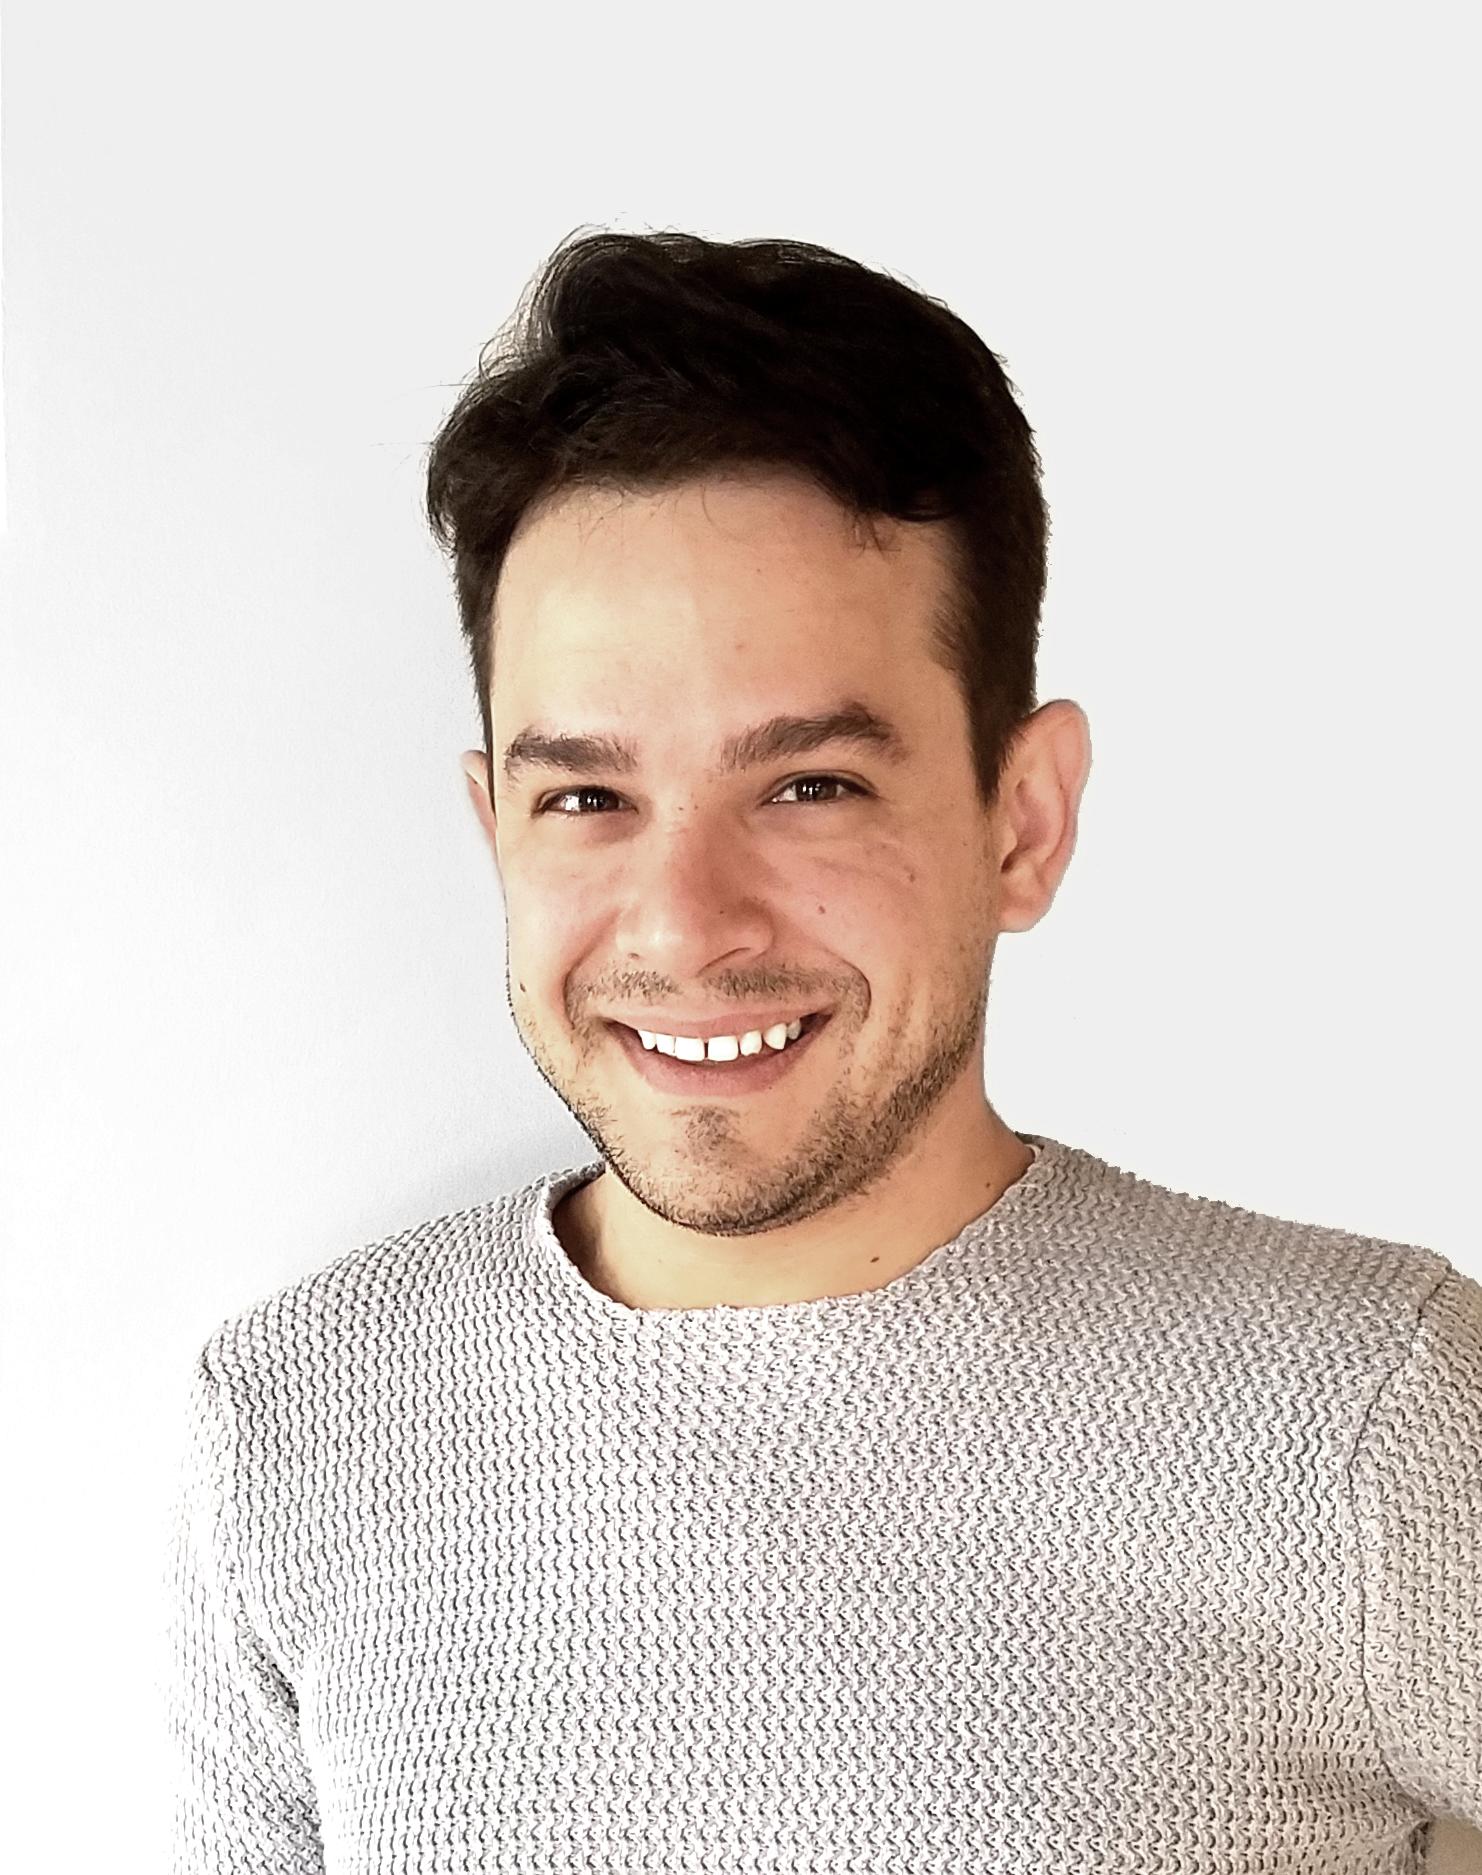 Jonathan Borgia : Project Administrator